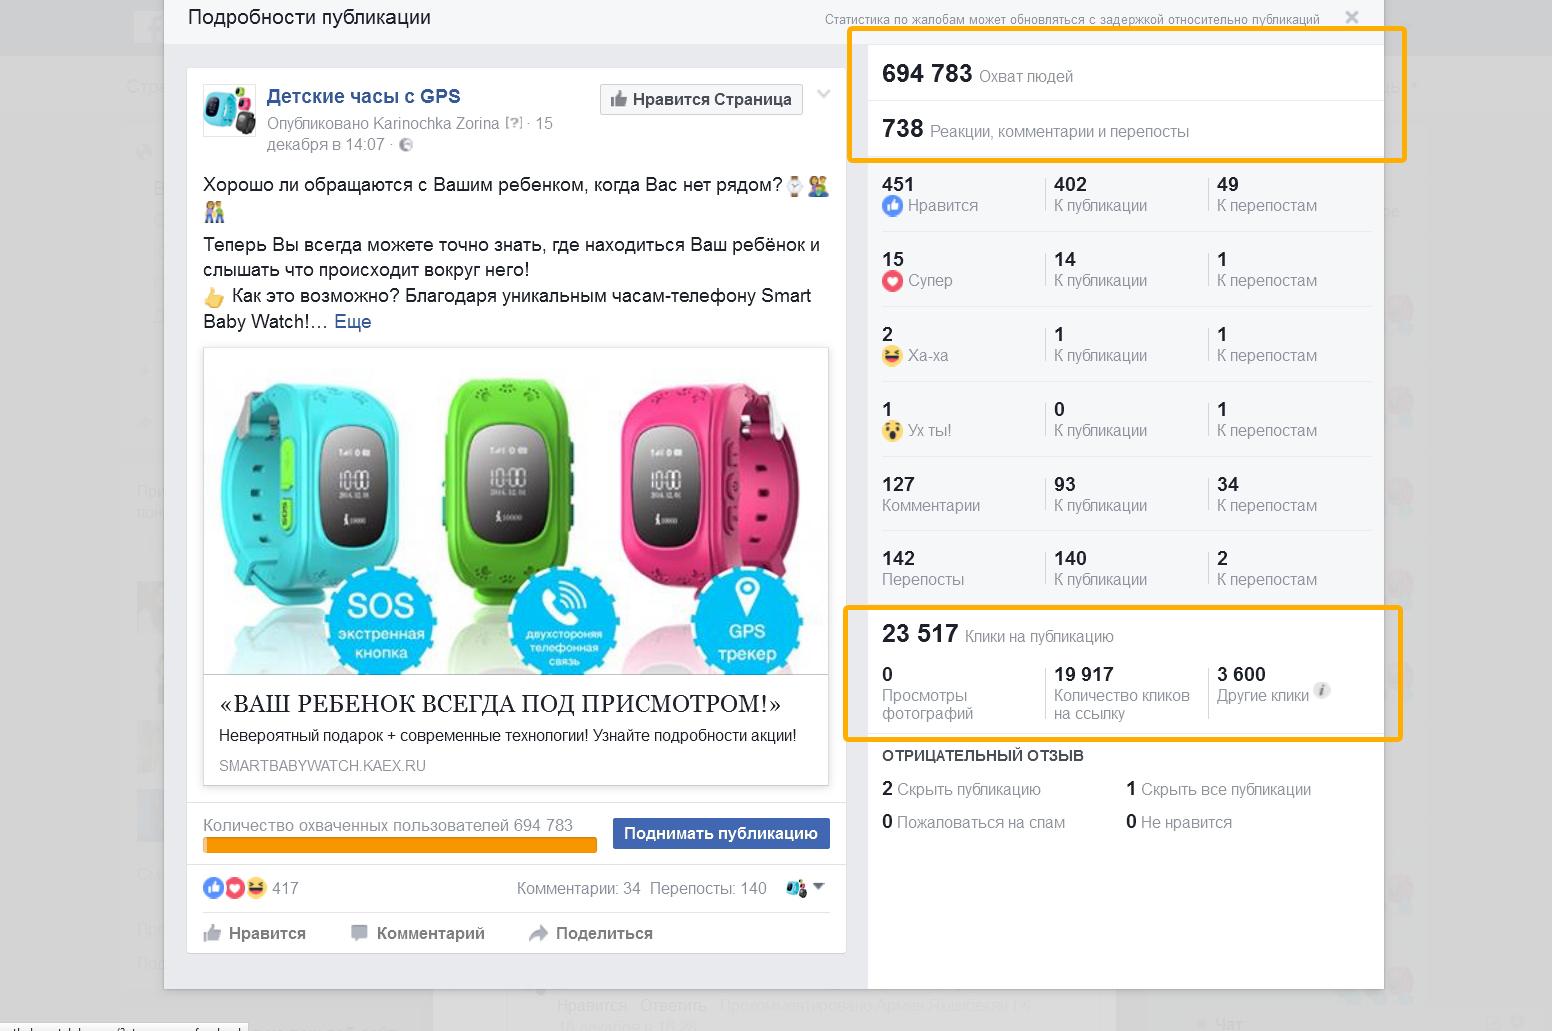 Отчет по объявлению со статистикой по количеству кликов на ссылку, показам и охвату пользователей